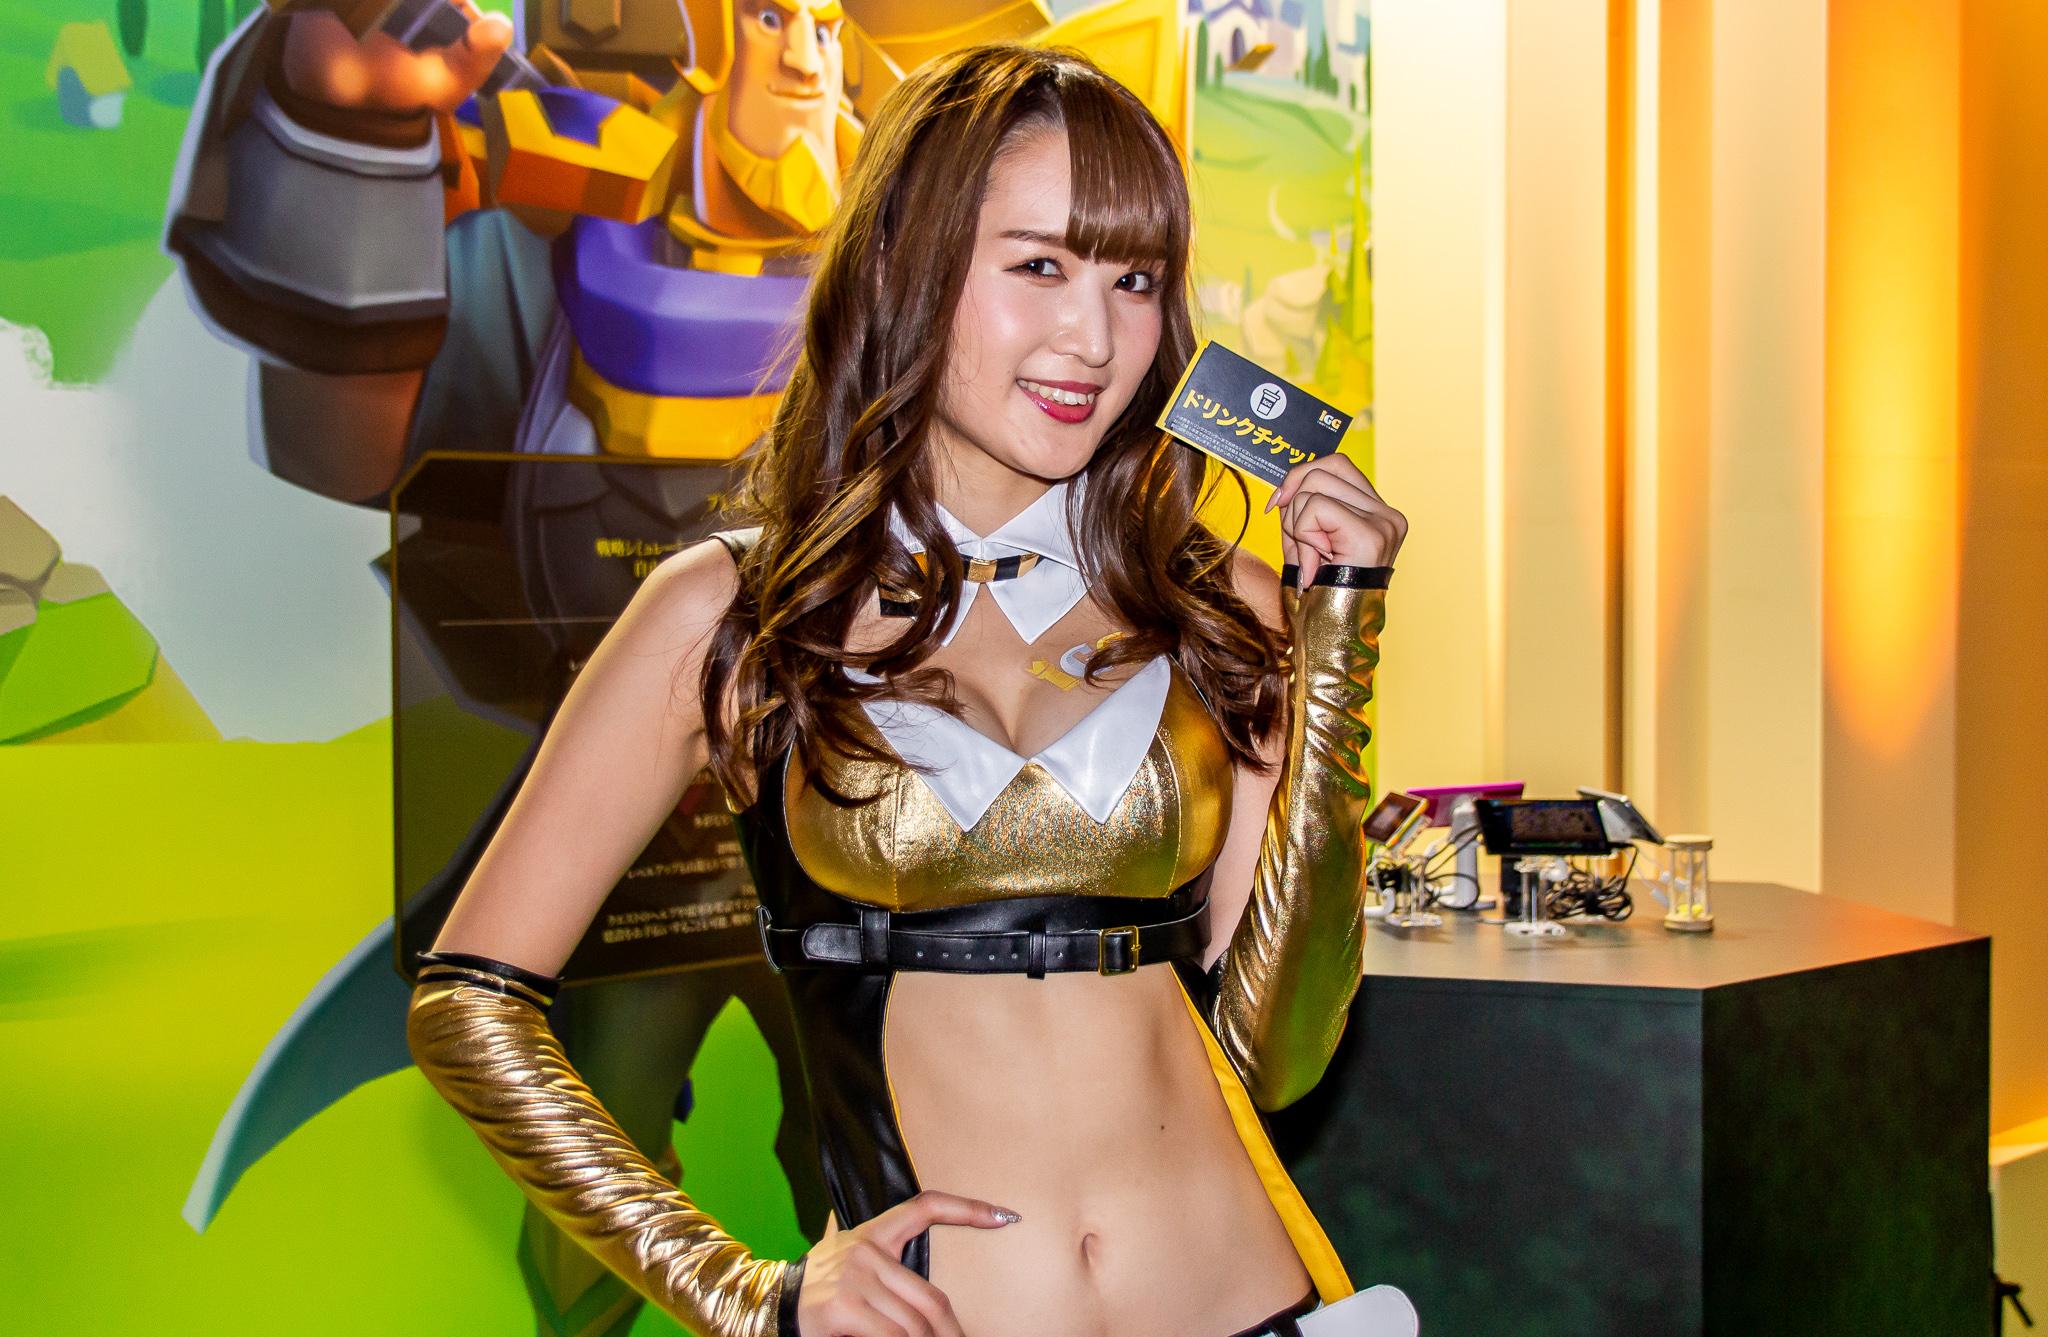 東京ゲームショウ2019 コンパニオンさん写真まとめ(KONAMI、IGG) #TGS2019